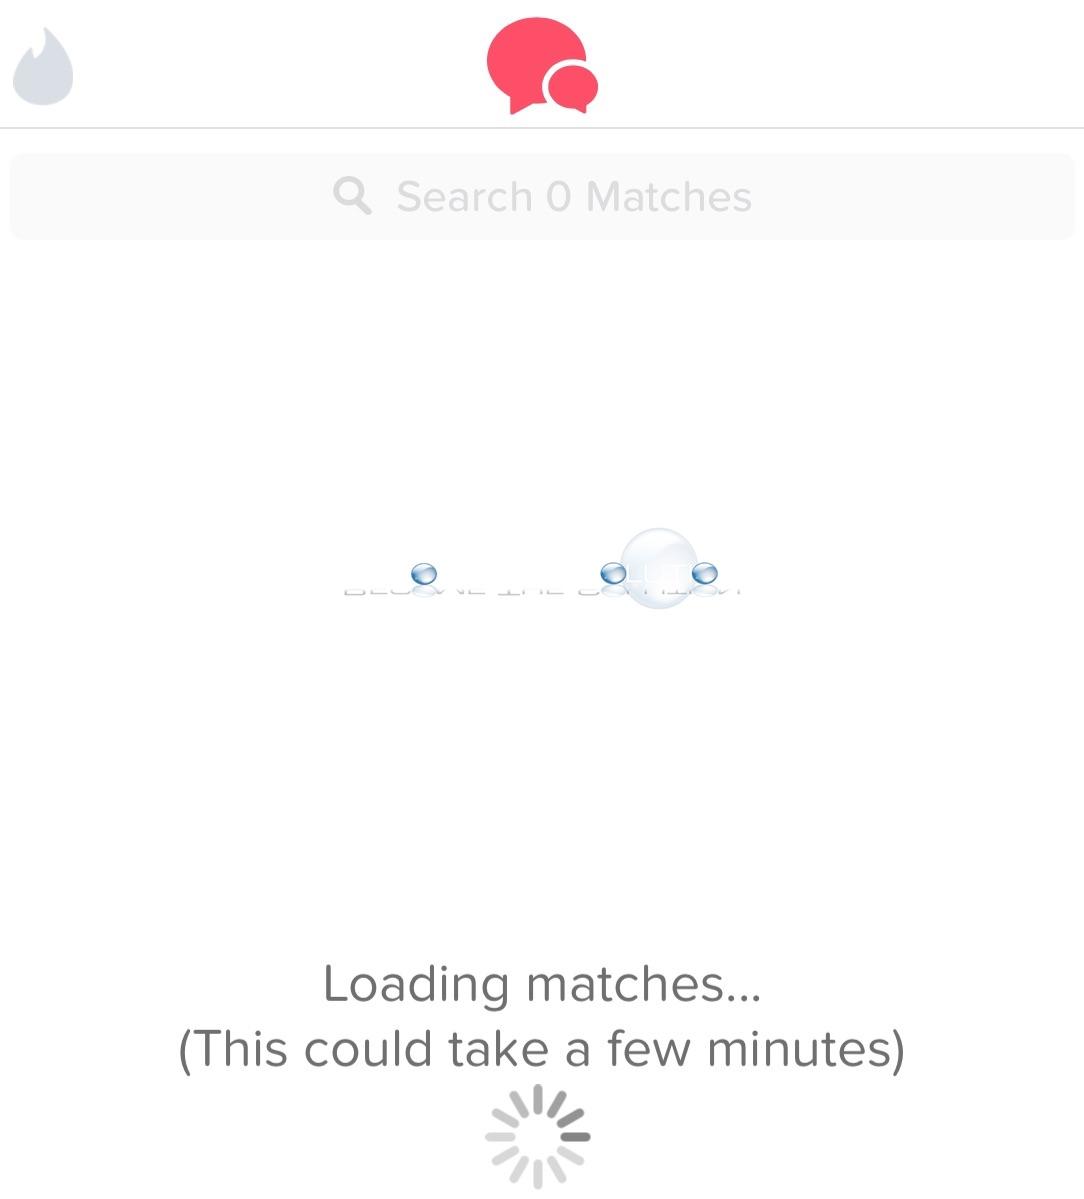 Pc tinder not loading on Tinder Web: